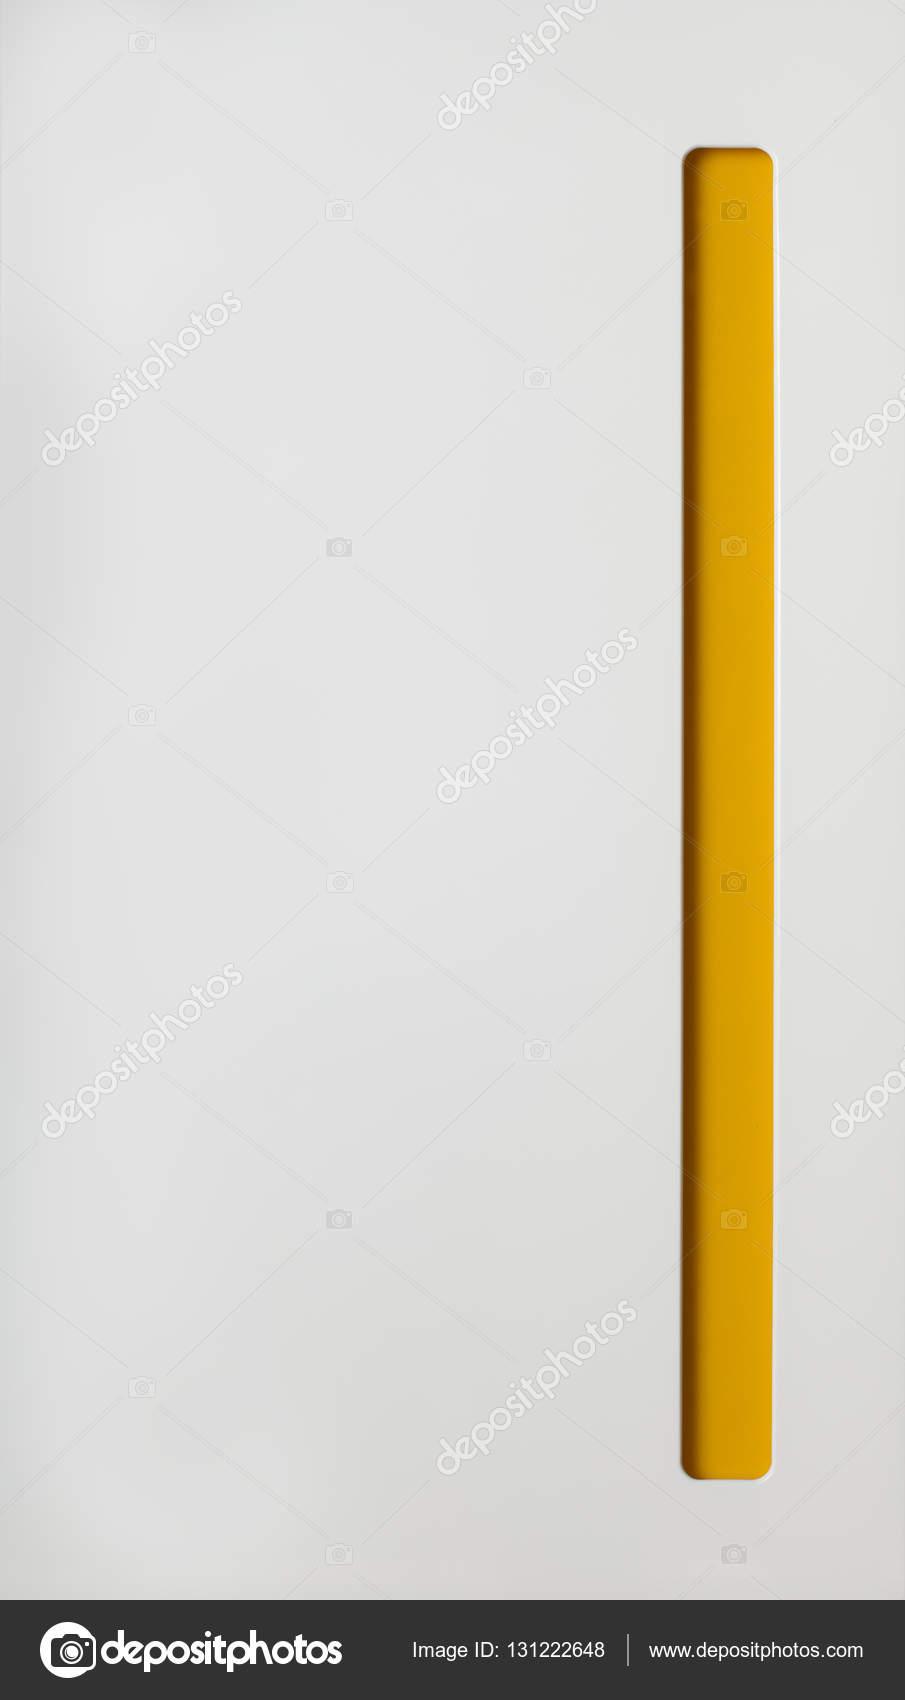 Küchenschrank Tür. Weiß mit gelben Teil — Stockfoto © sasapanchenko ...